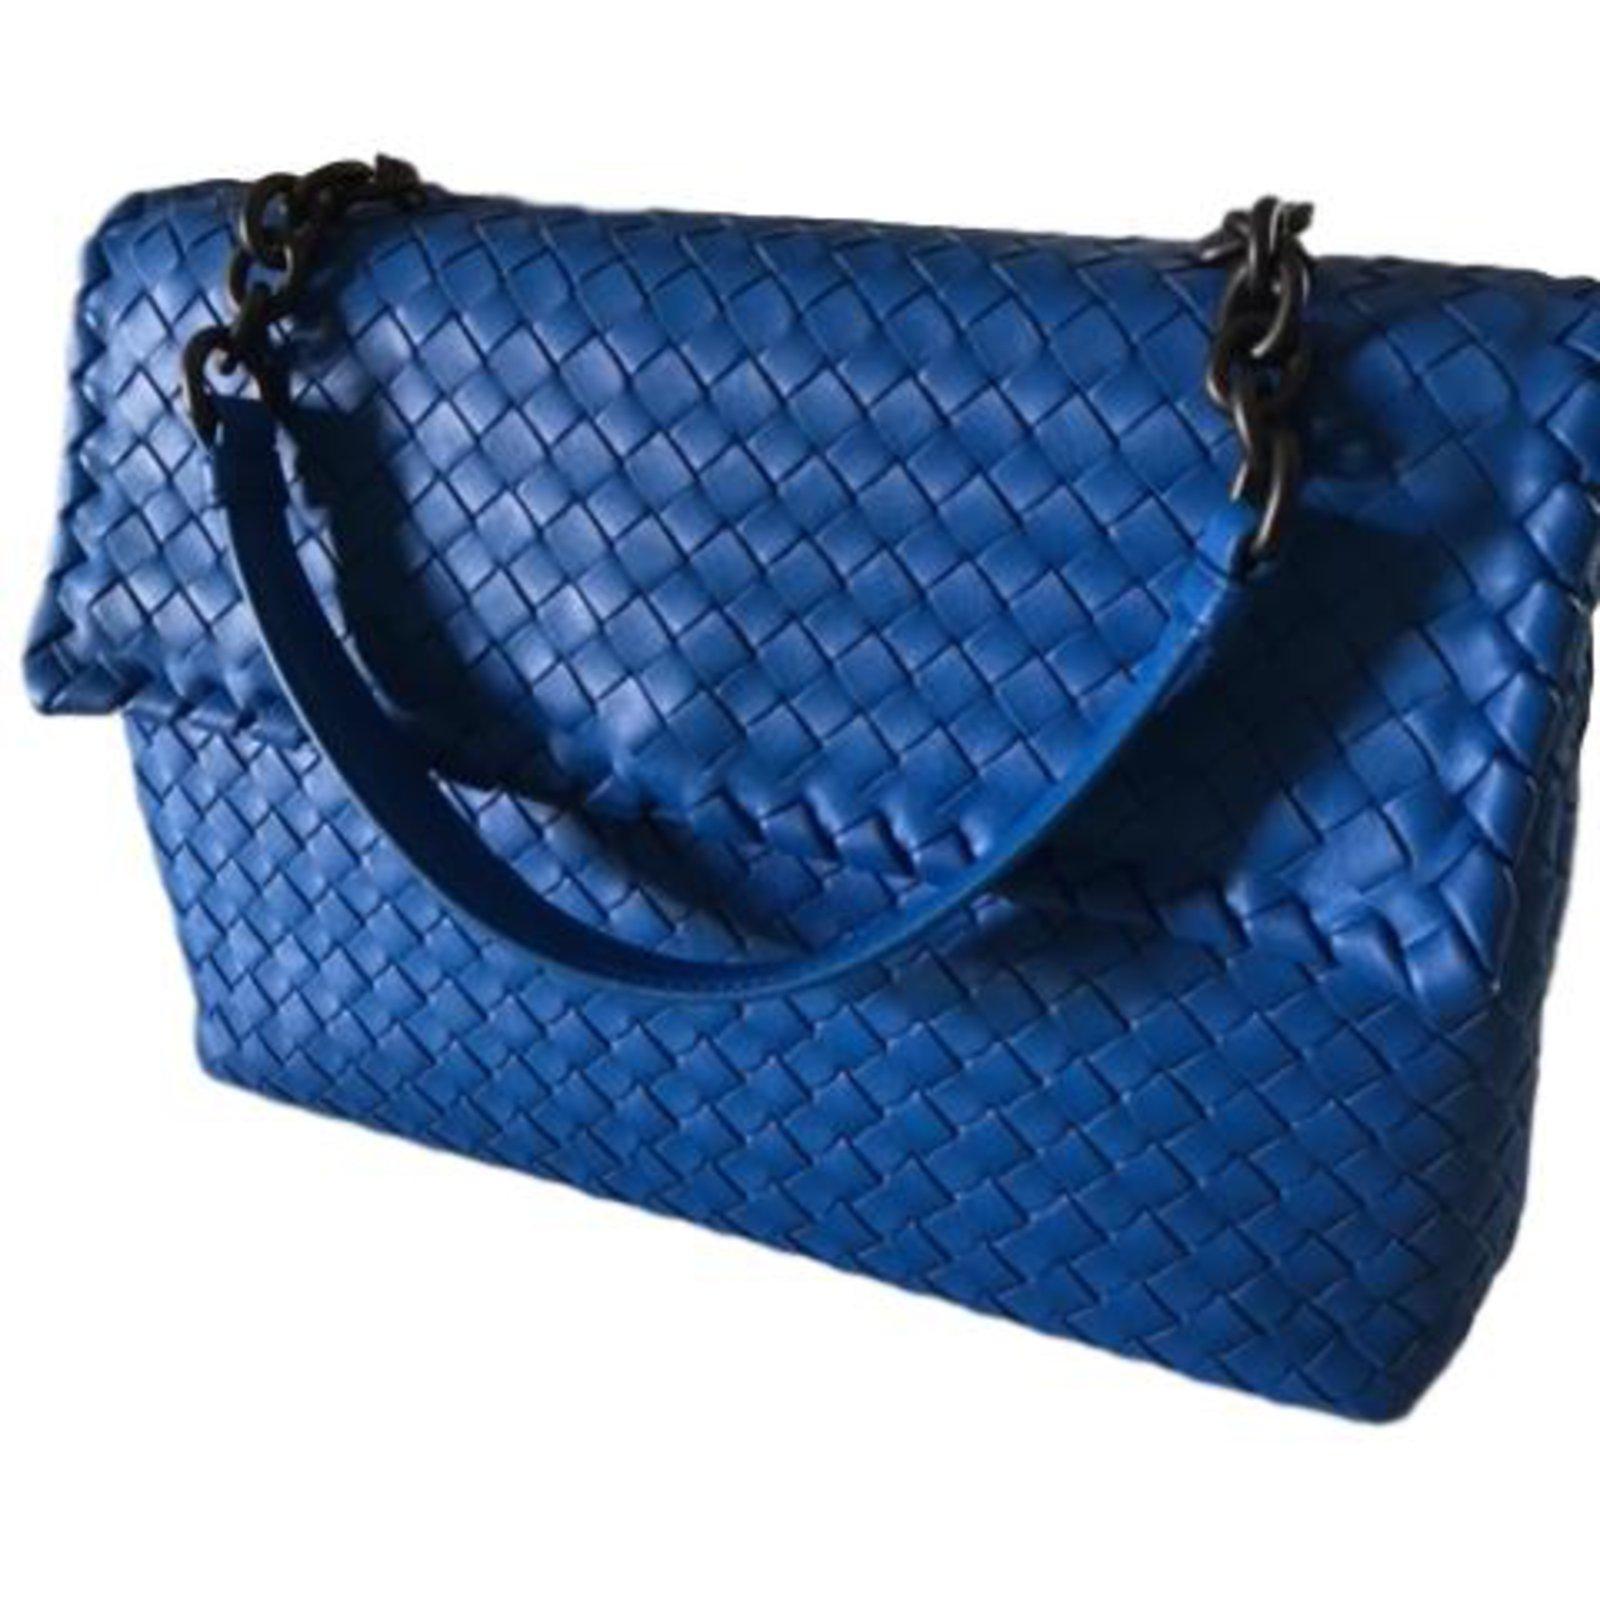 2ee900d9ab9a Bottega Veneta Olimpia Bag Handbags Leather Blue ref.67358 - Joli Closet